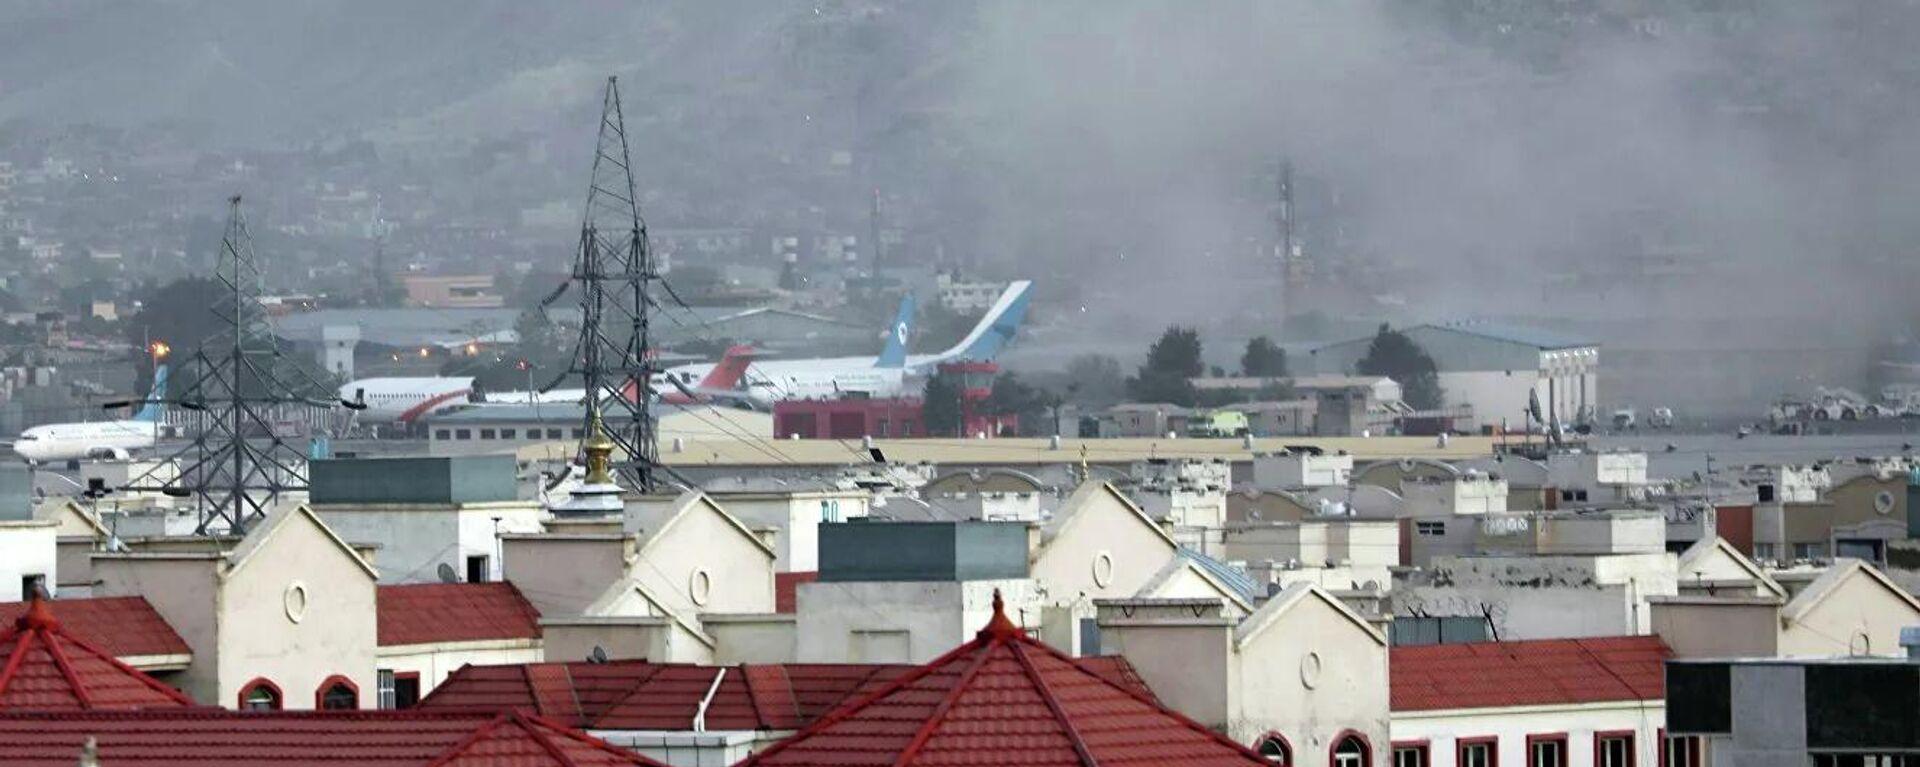 Дым от взрыва возле аэропорта Кабула  - Sputnik Таджикистан, 1920, 29.08.2021